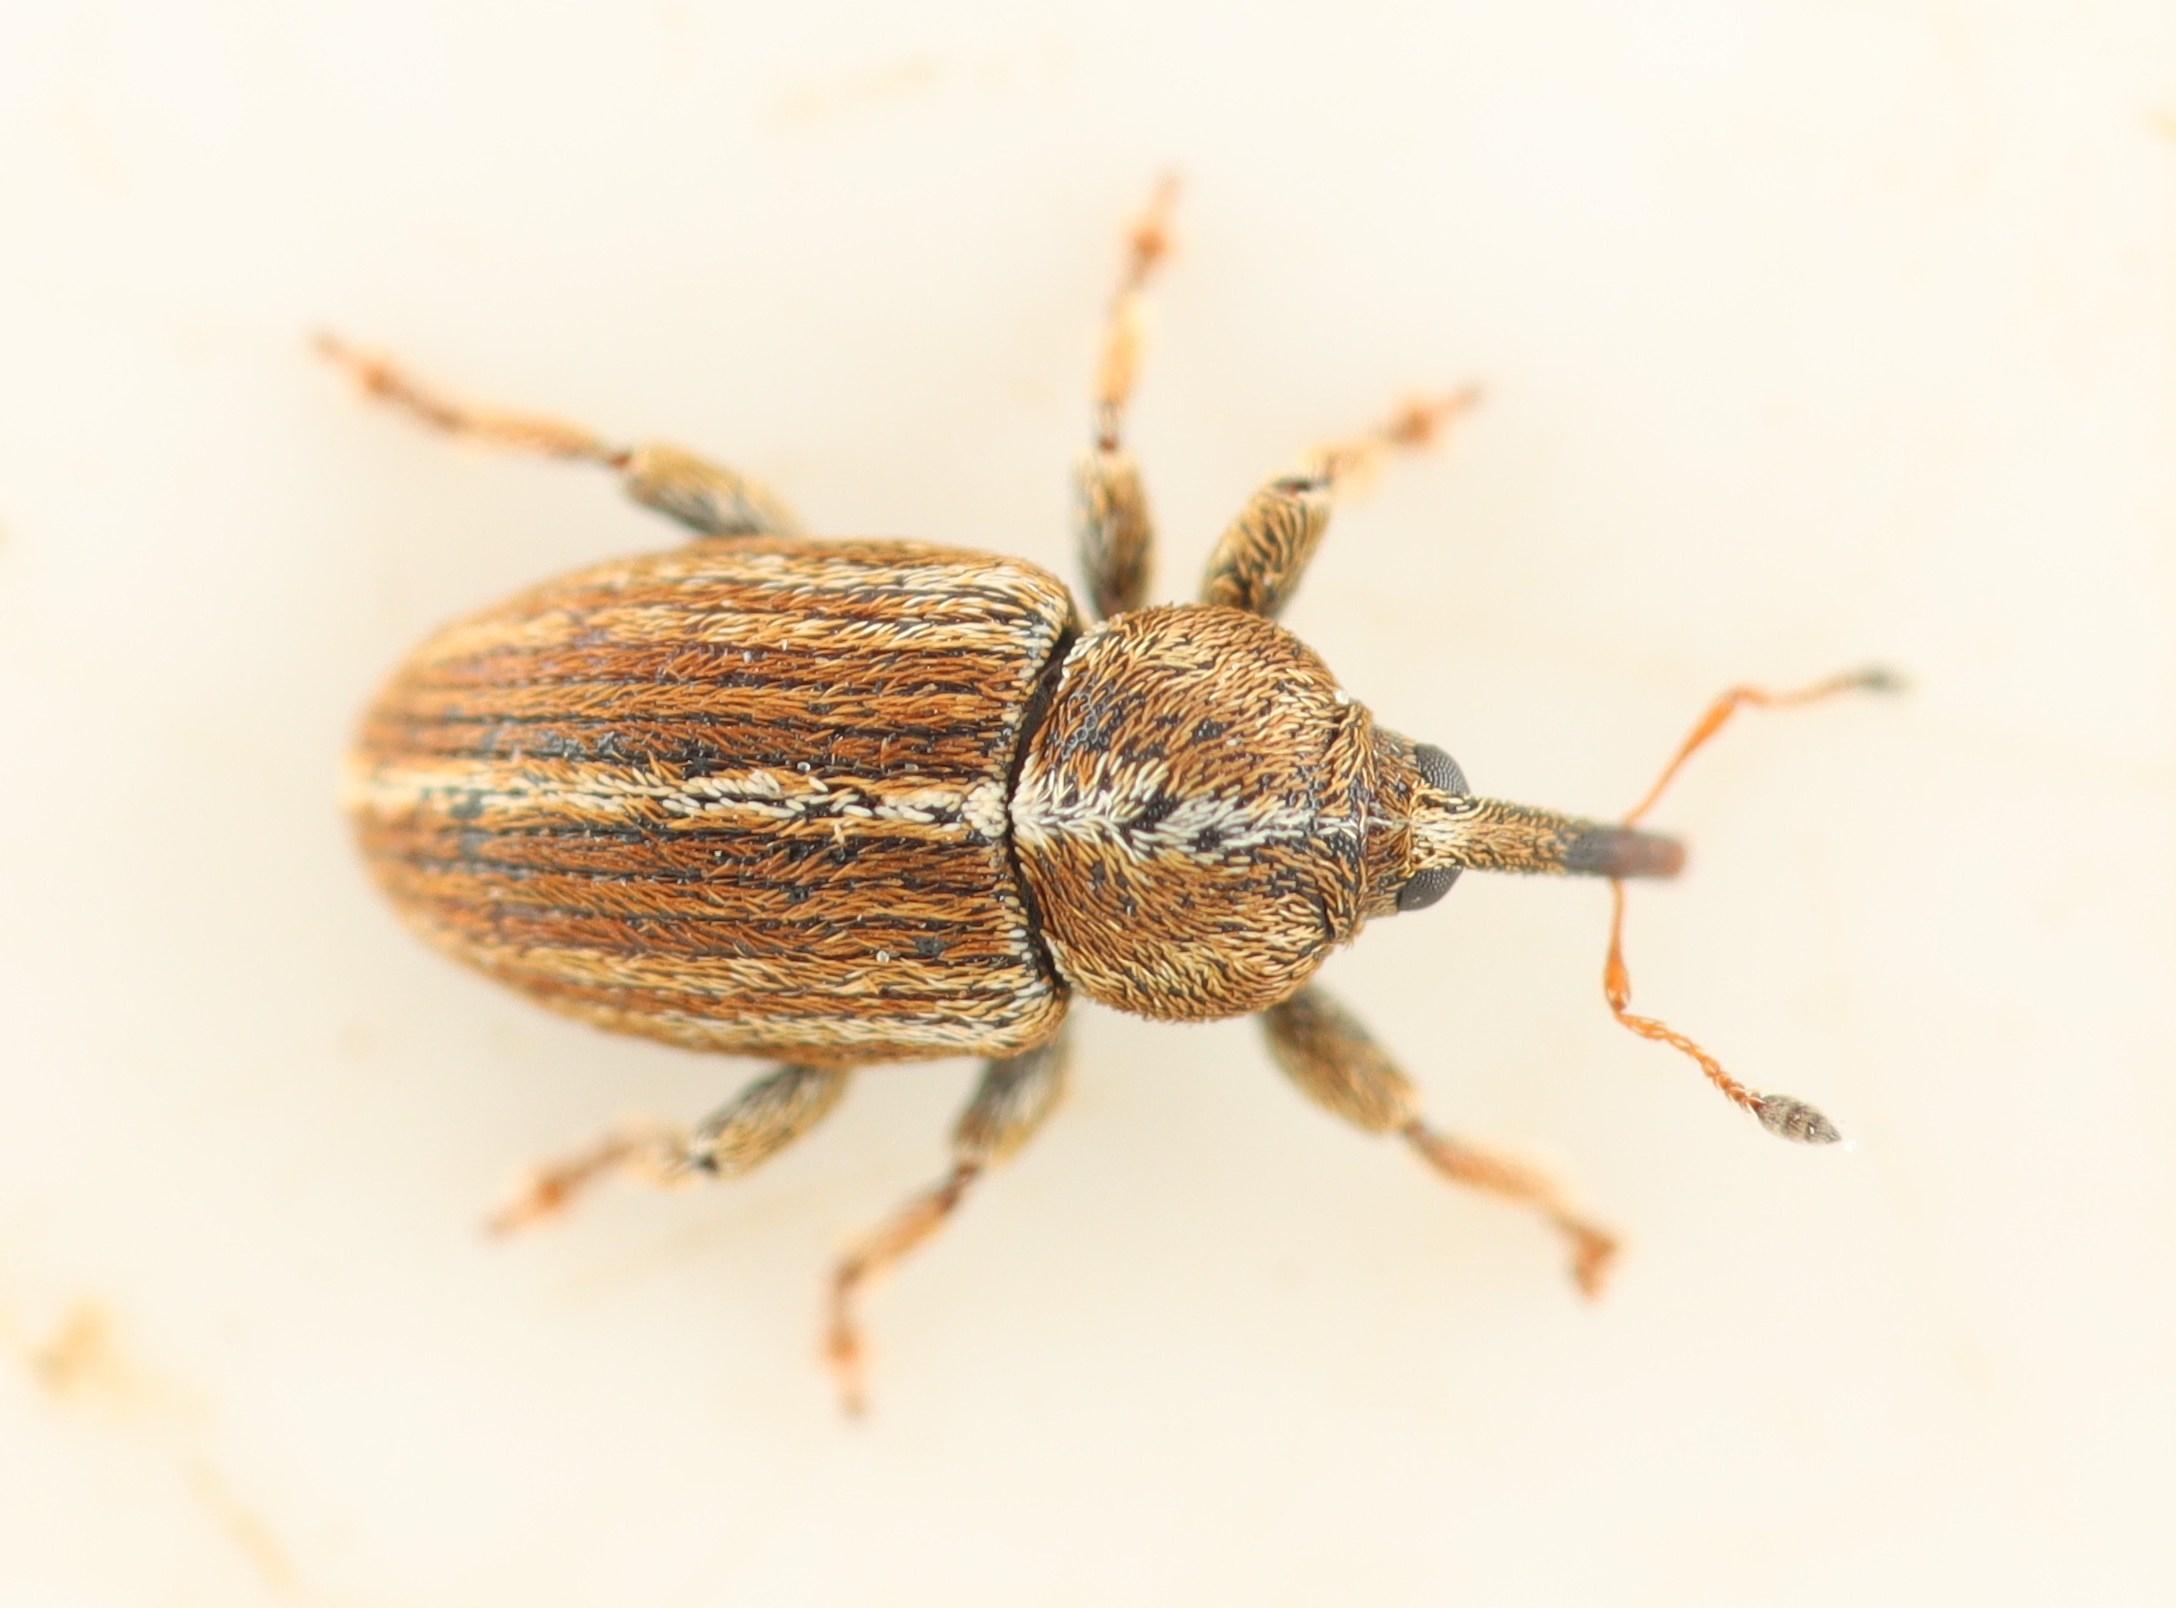 Tychius polylineatus